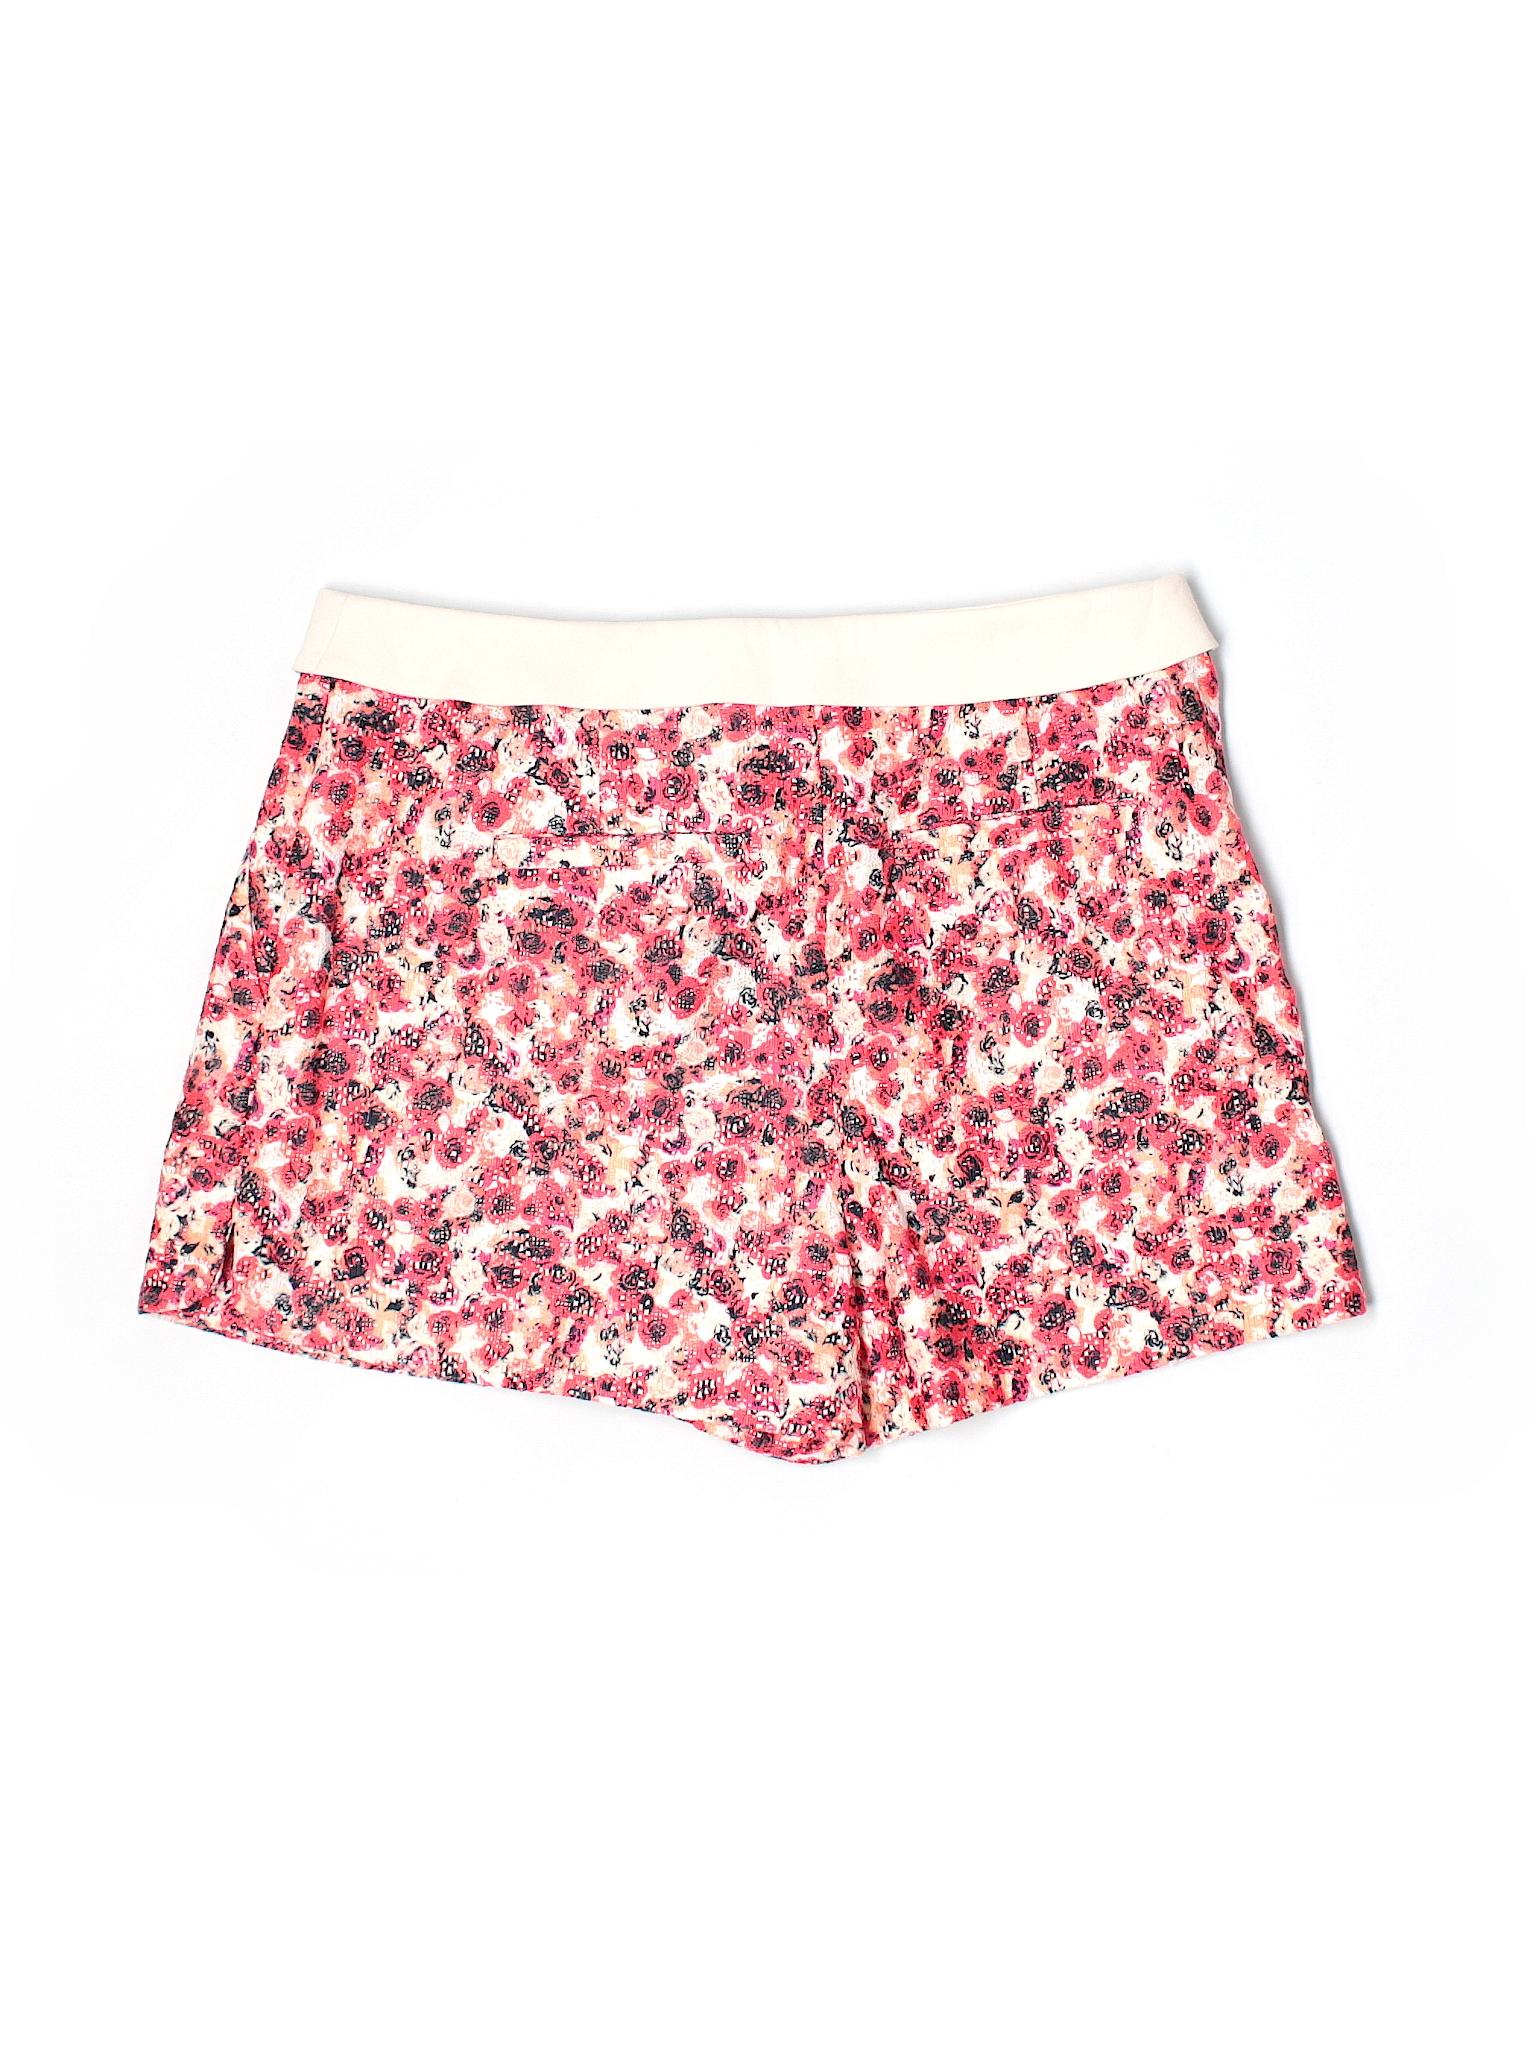 Mcginn Boutique Shorts Dressy Shorts Mcginn Mcginn Shorts Dressy Dressy Boutique Boutique OT4UFq